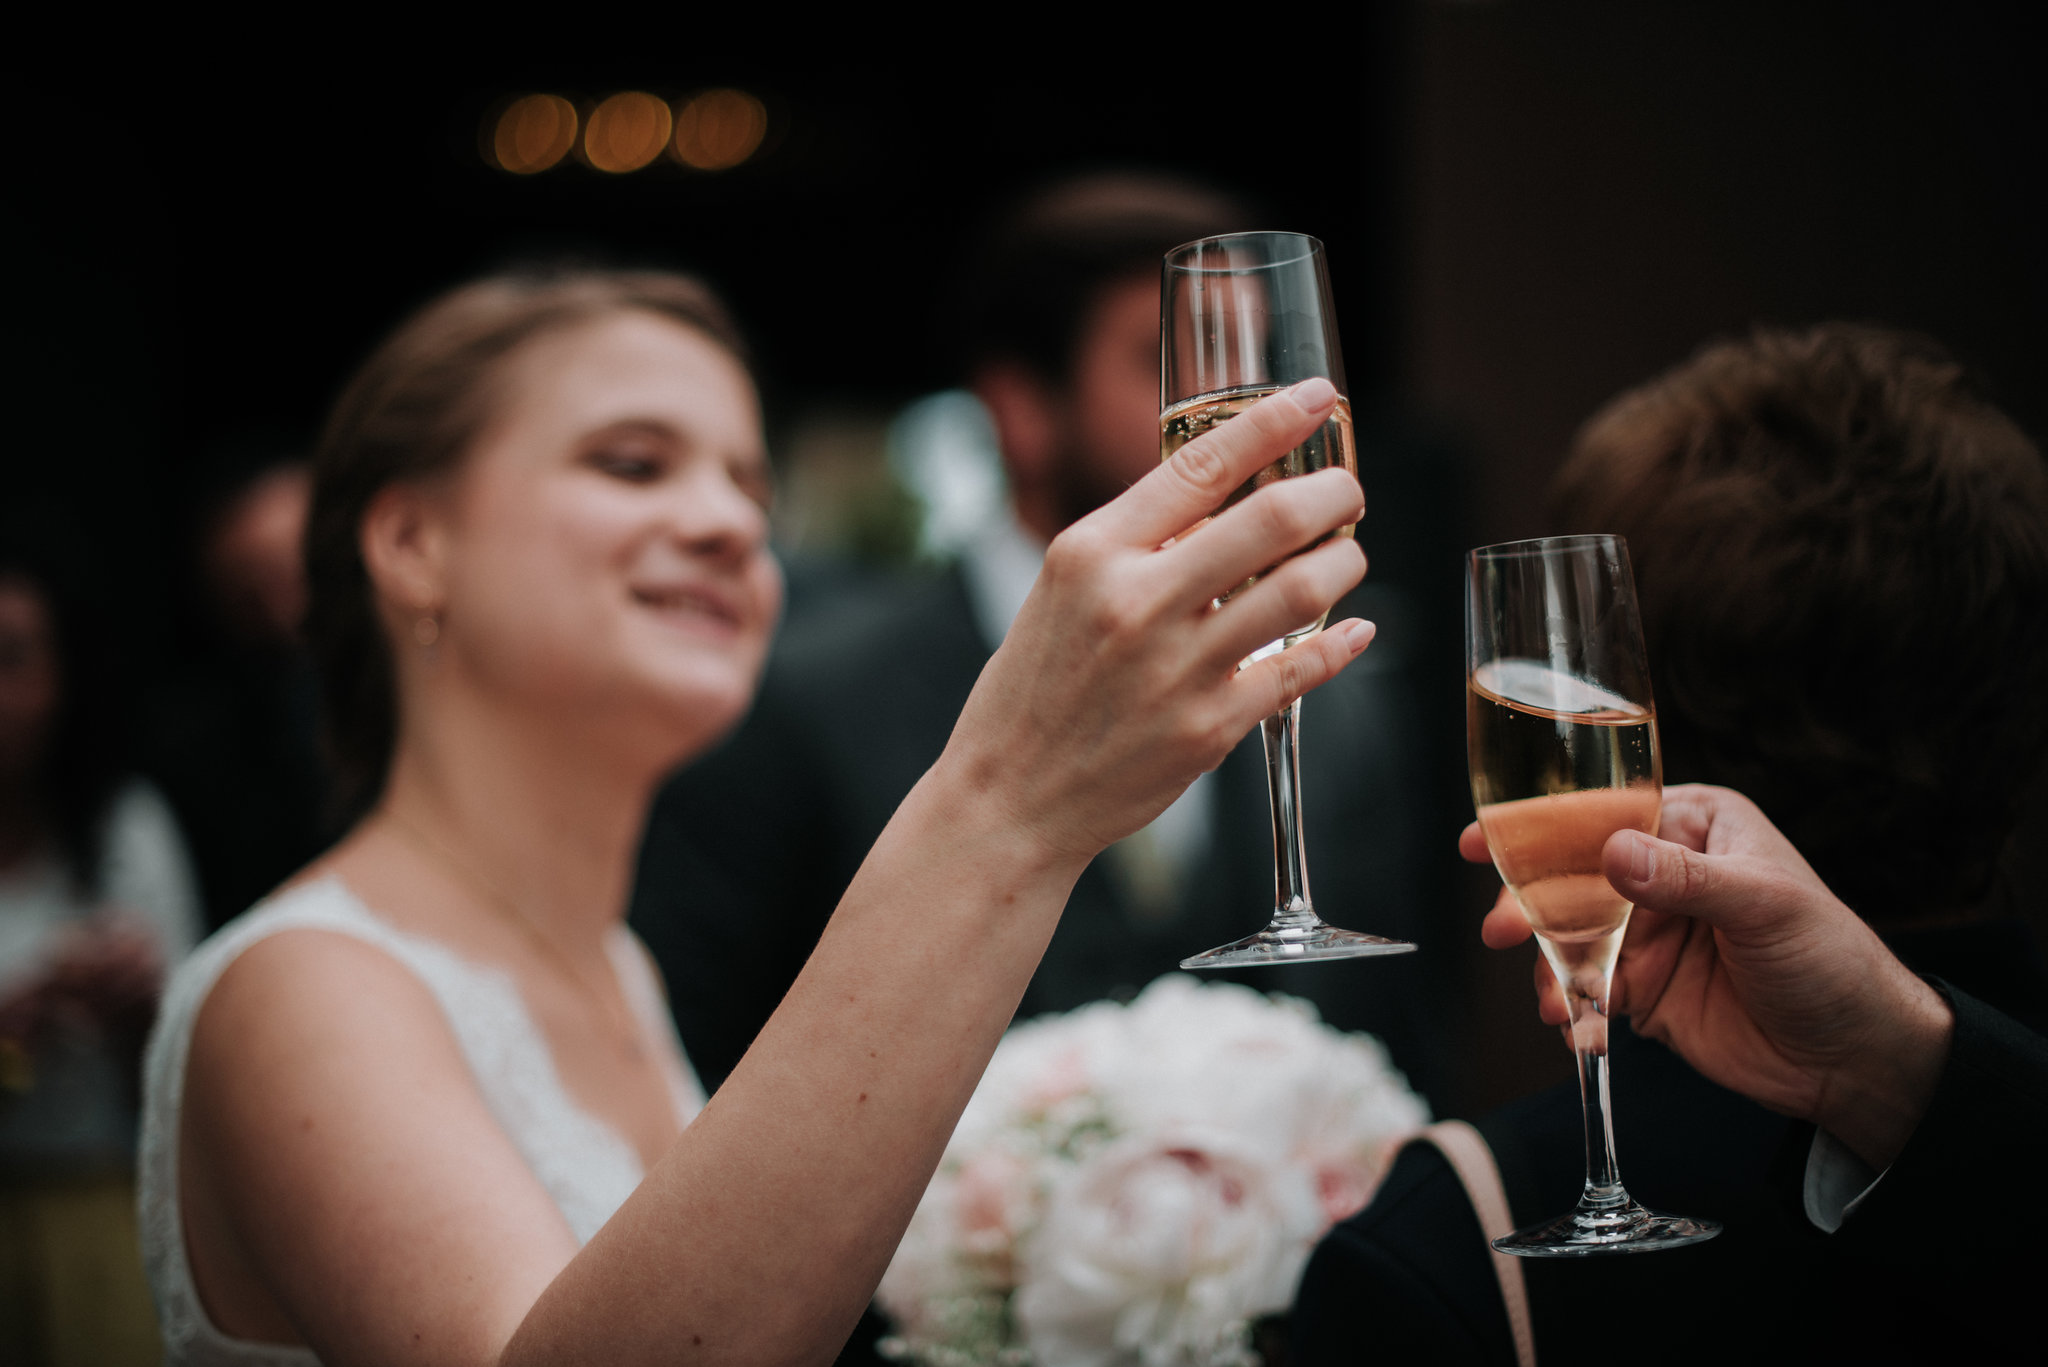 Léa-Fery-photographe-professionnel-lyon-rhone-alpes-portrait-creation-mariage-evenement-evenementiel-famille-2828.jpg